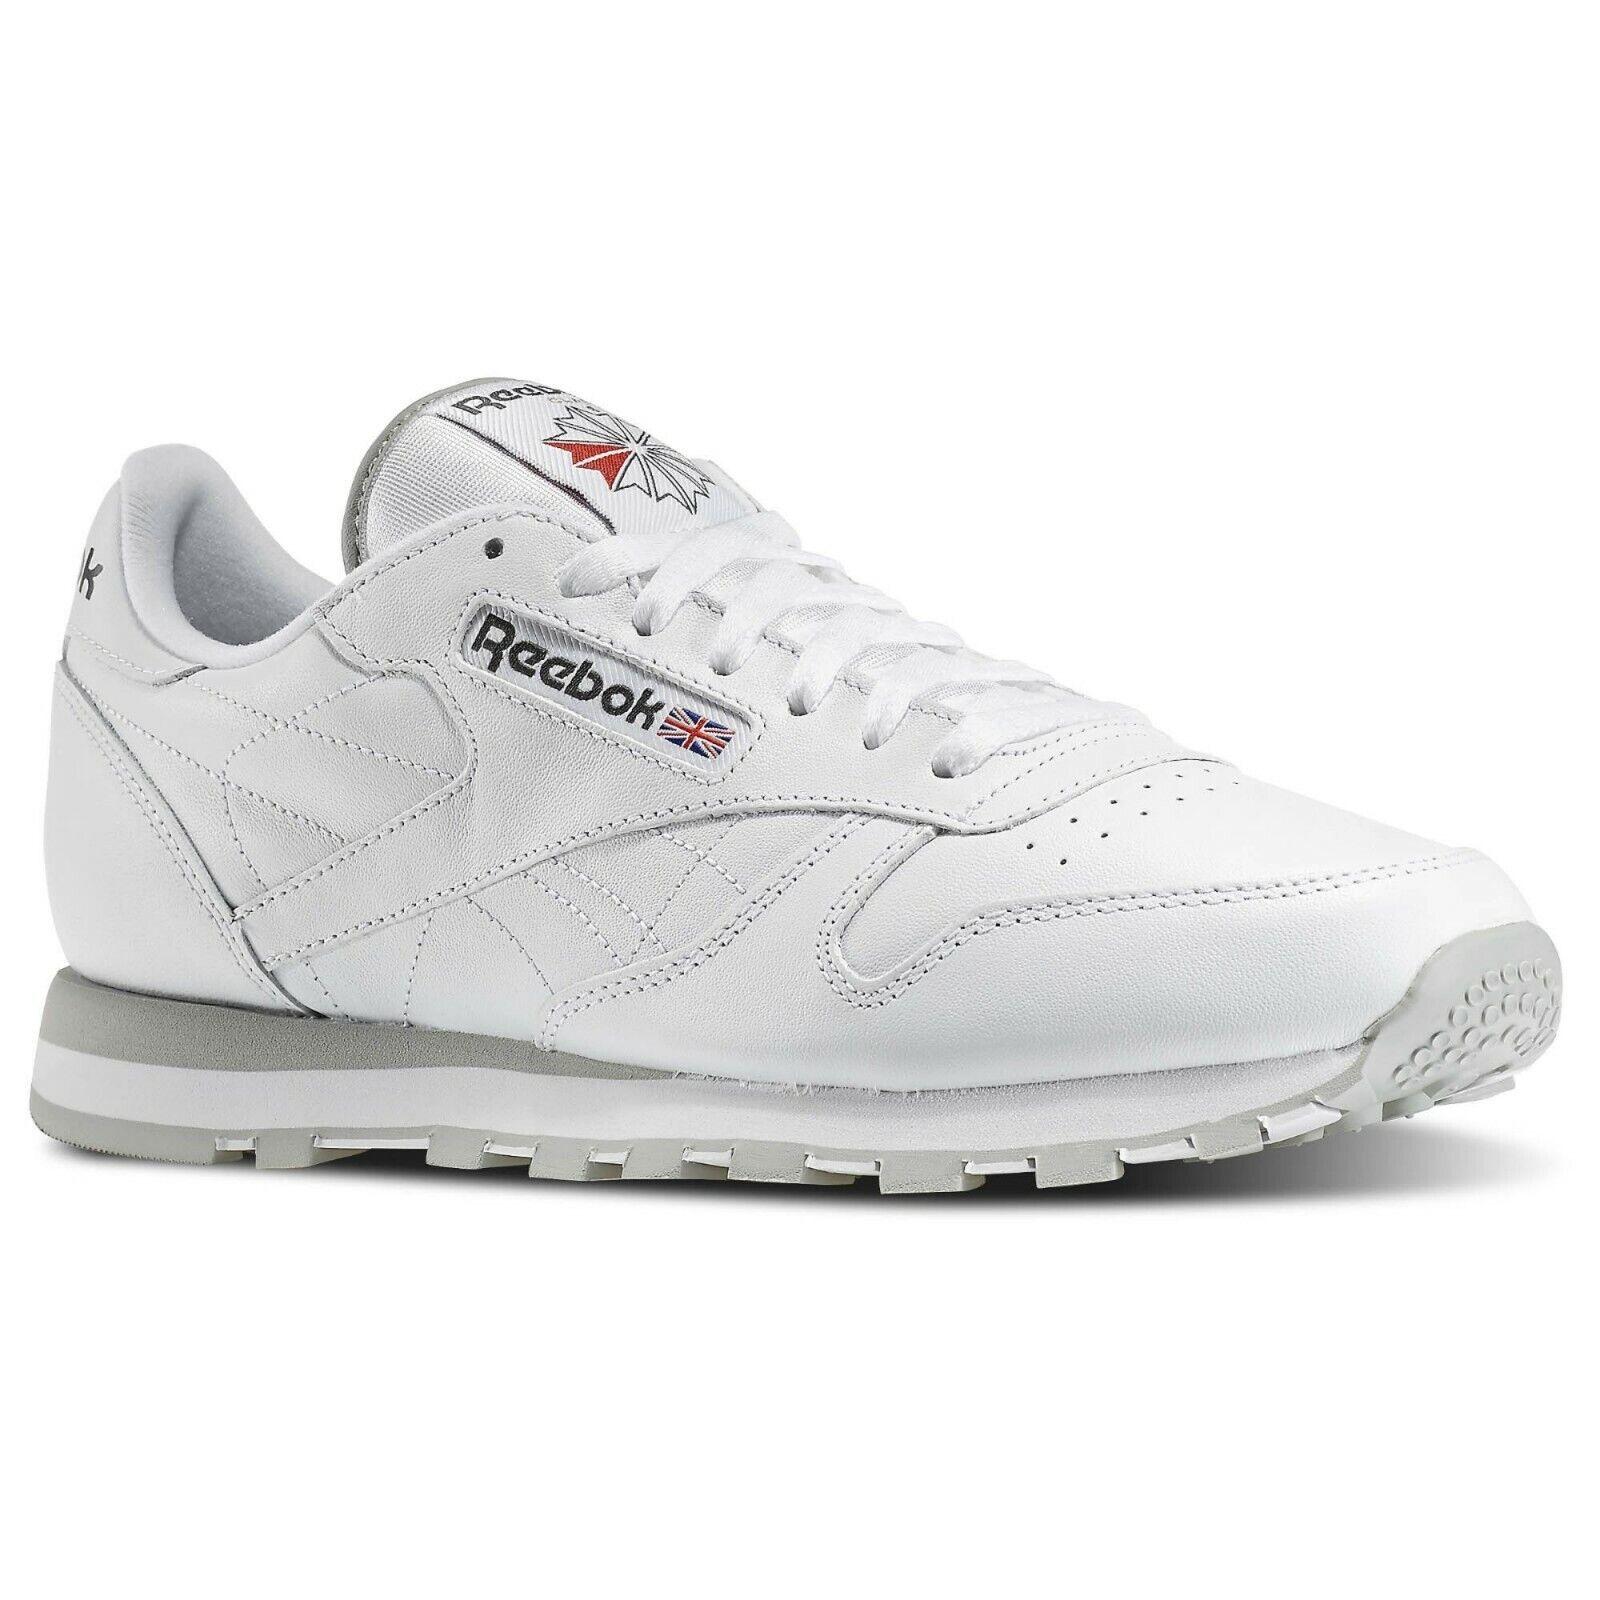 Zapatos De Cuero Reebok Clásica para Hombre blancoo 101 C